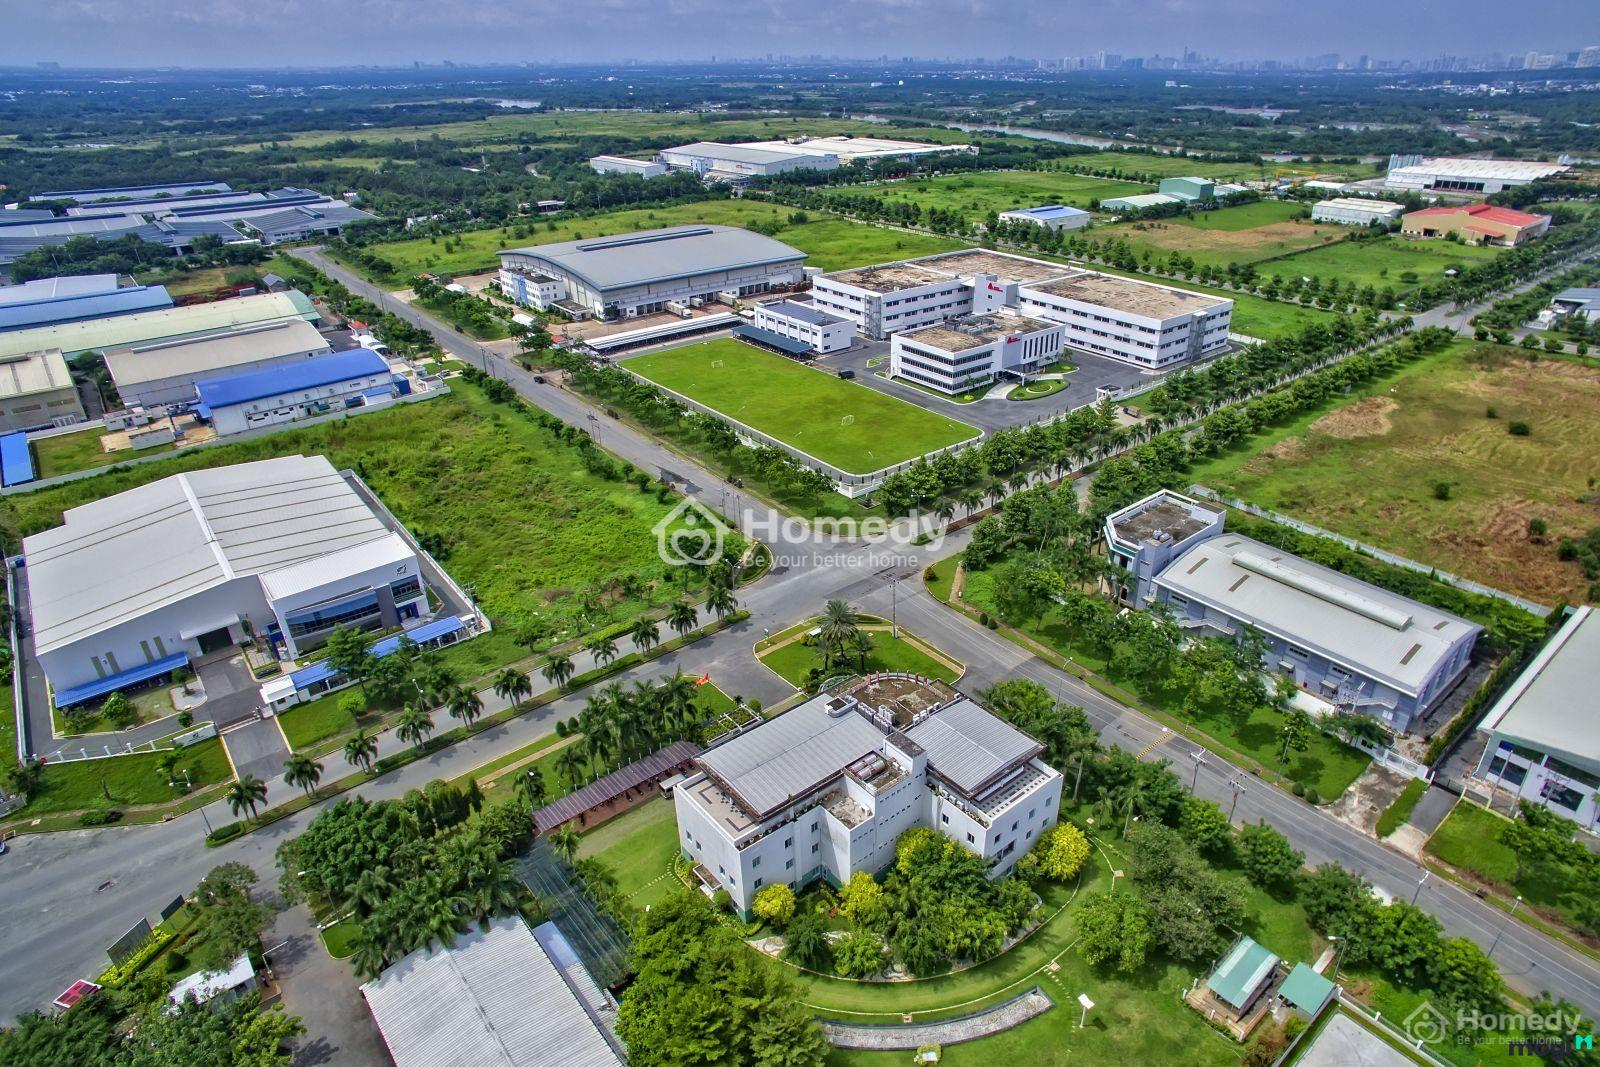 thị trường bất động sản công nghiệp Việt Nam